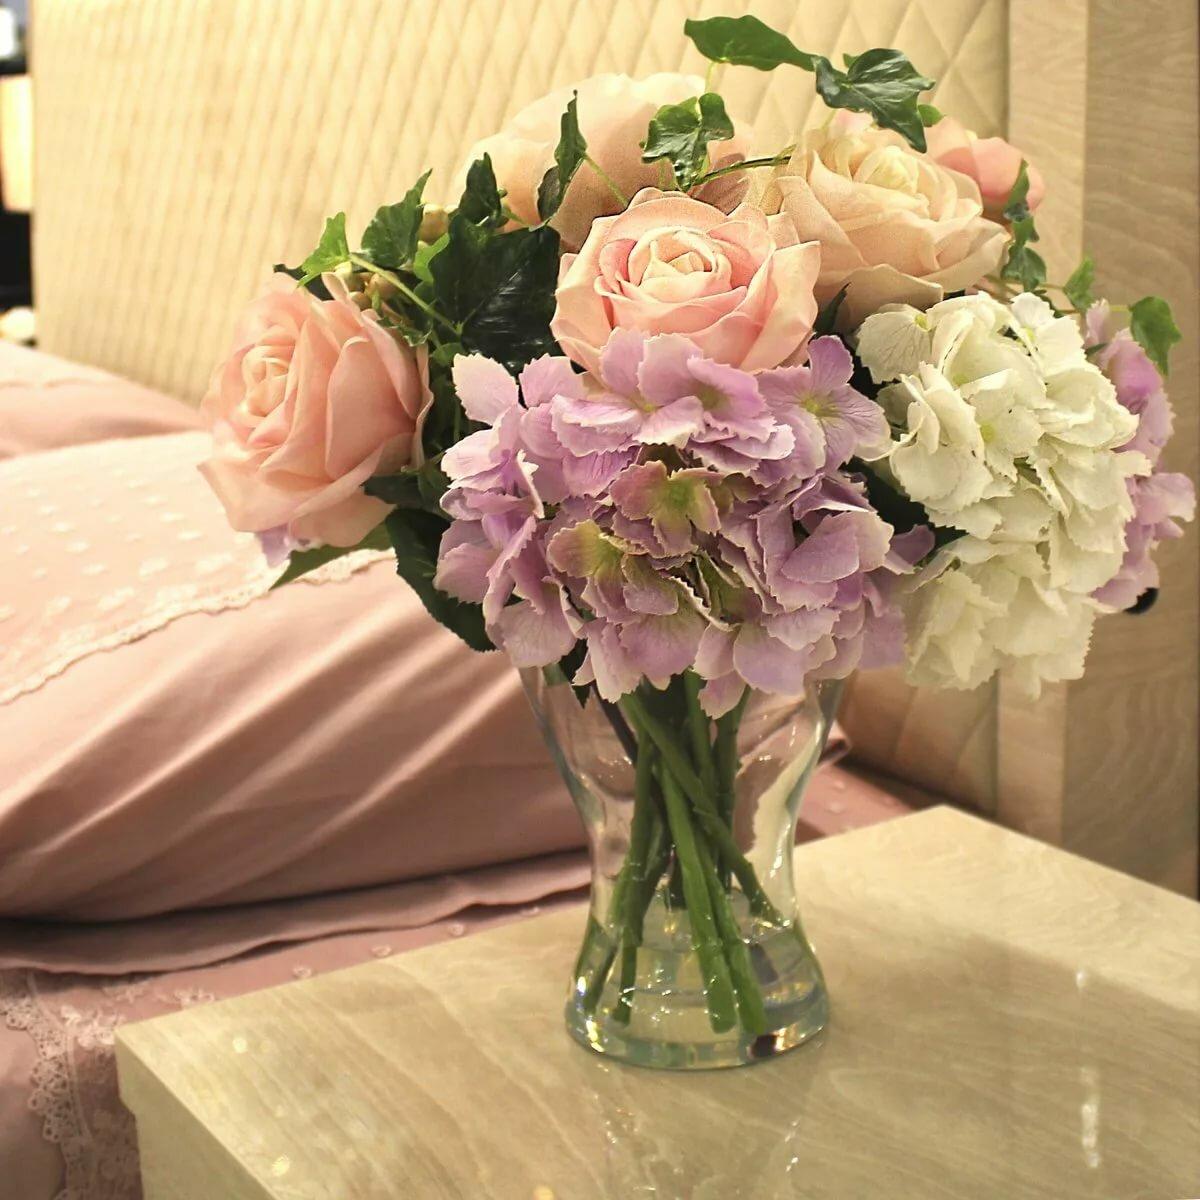 красивый букет цветов в вазе на столе этого подхода